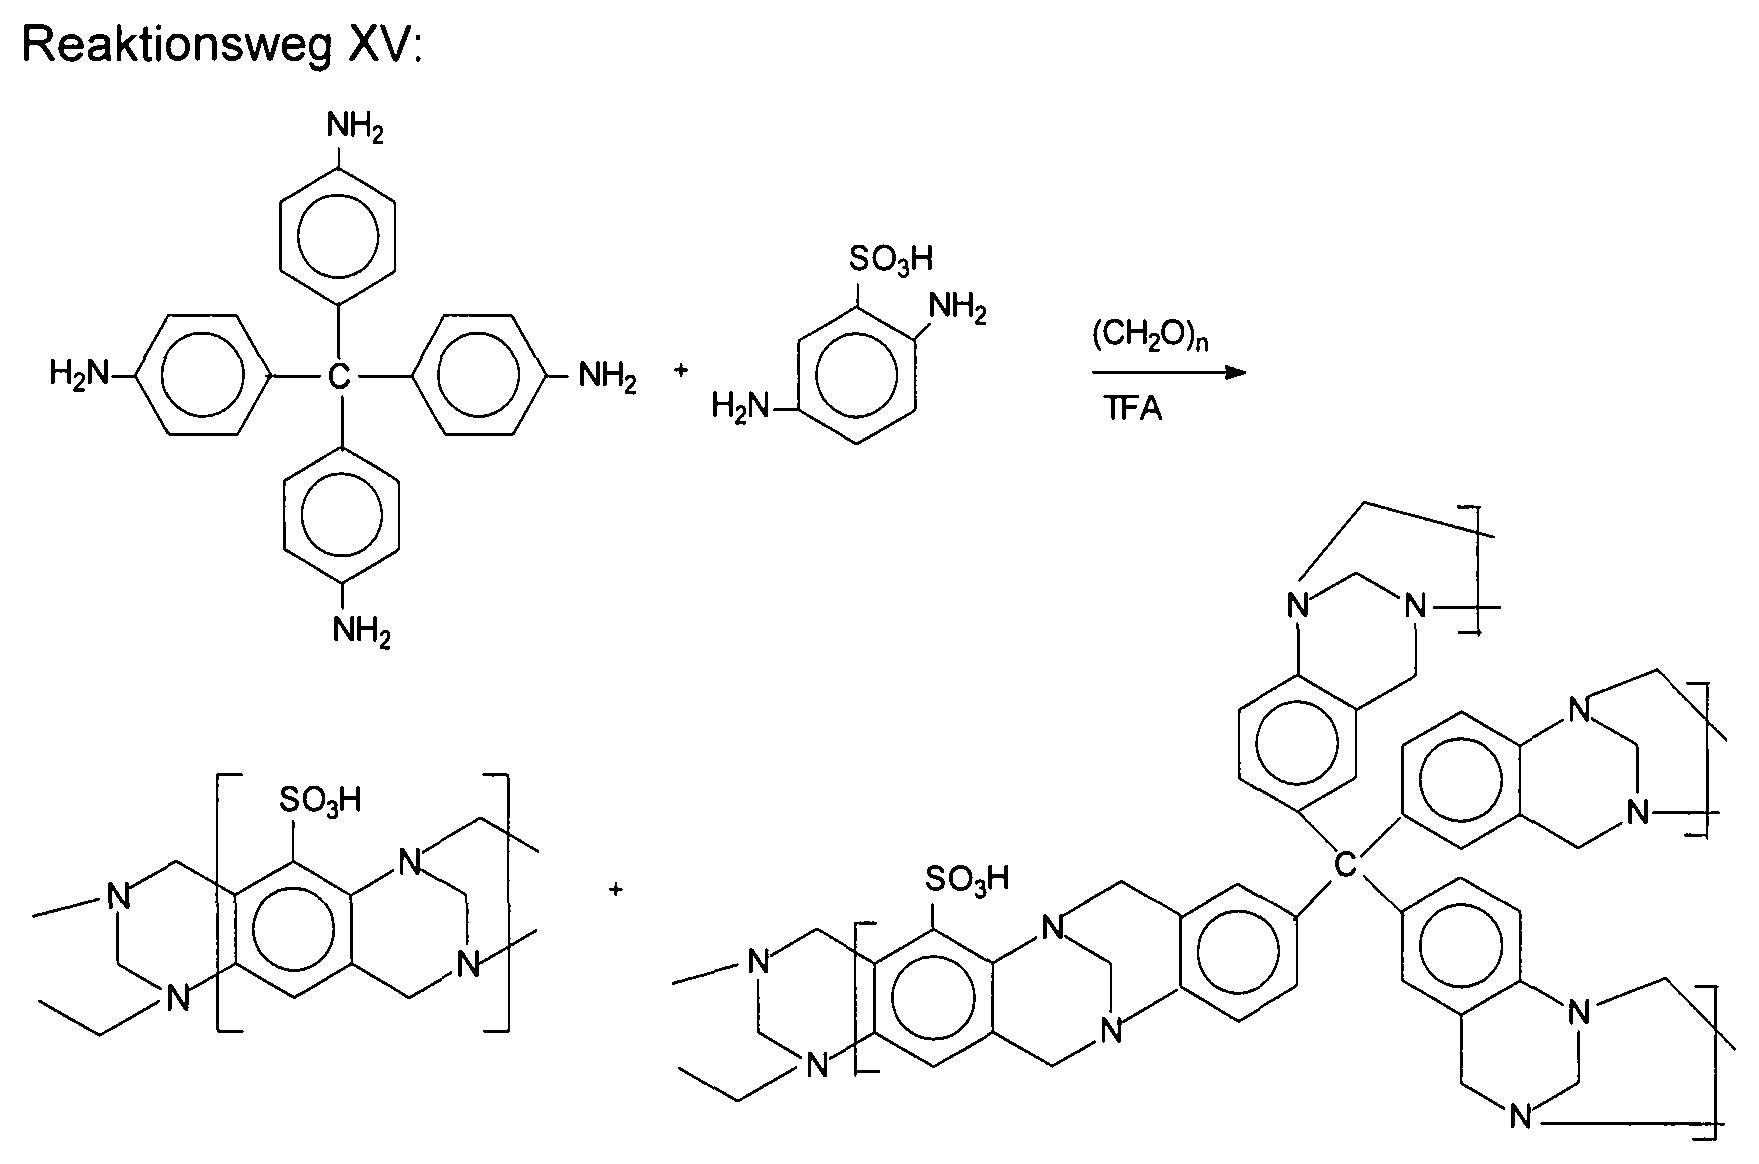 Figure DE112016005378T5_0035